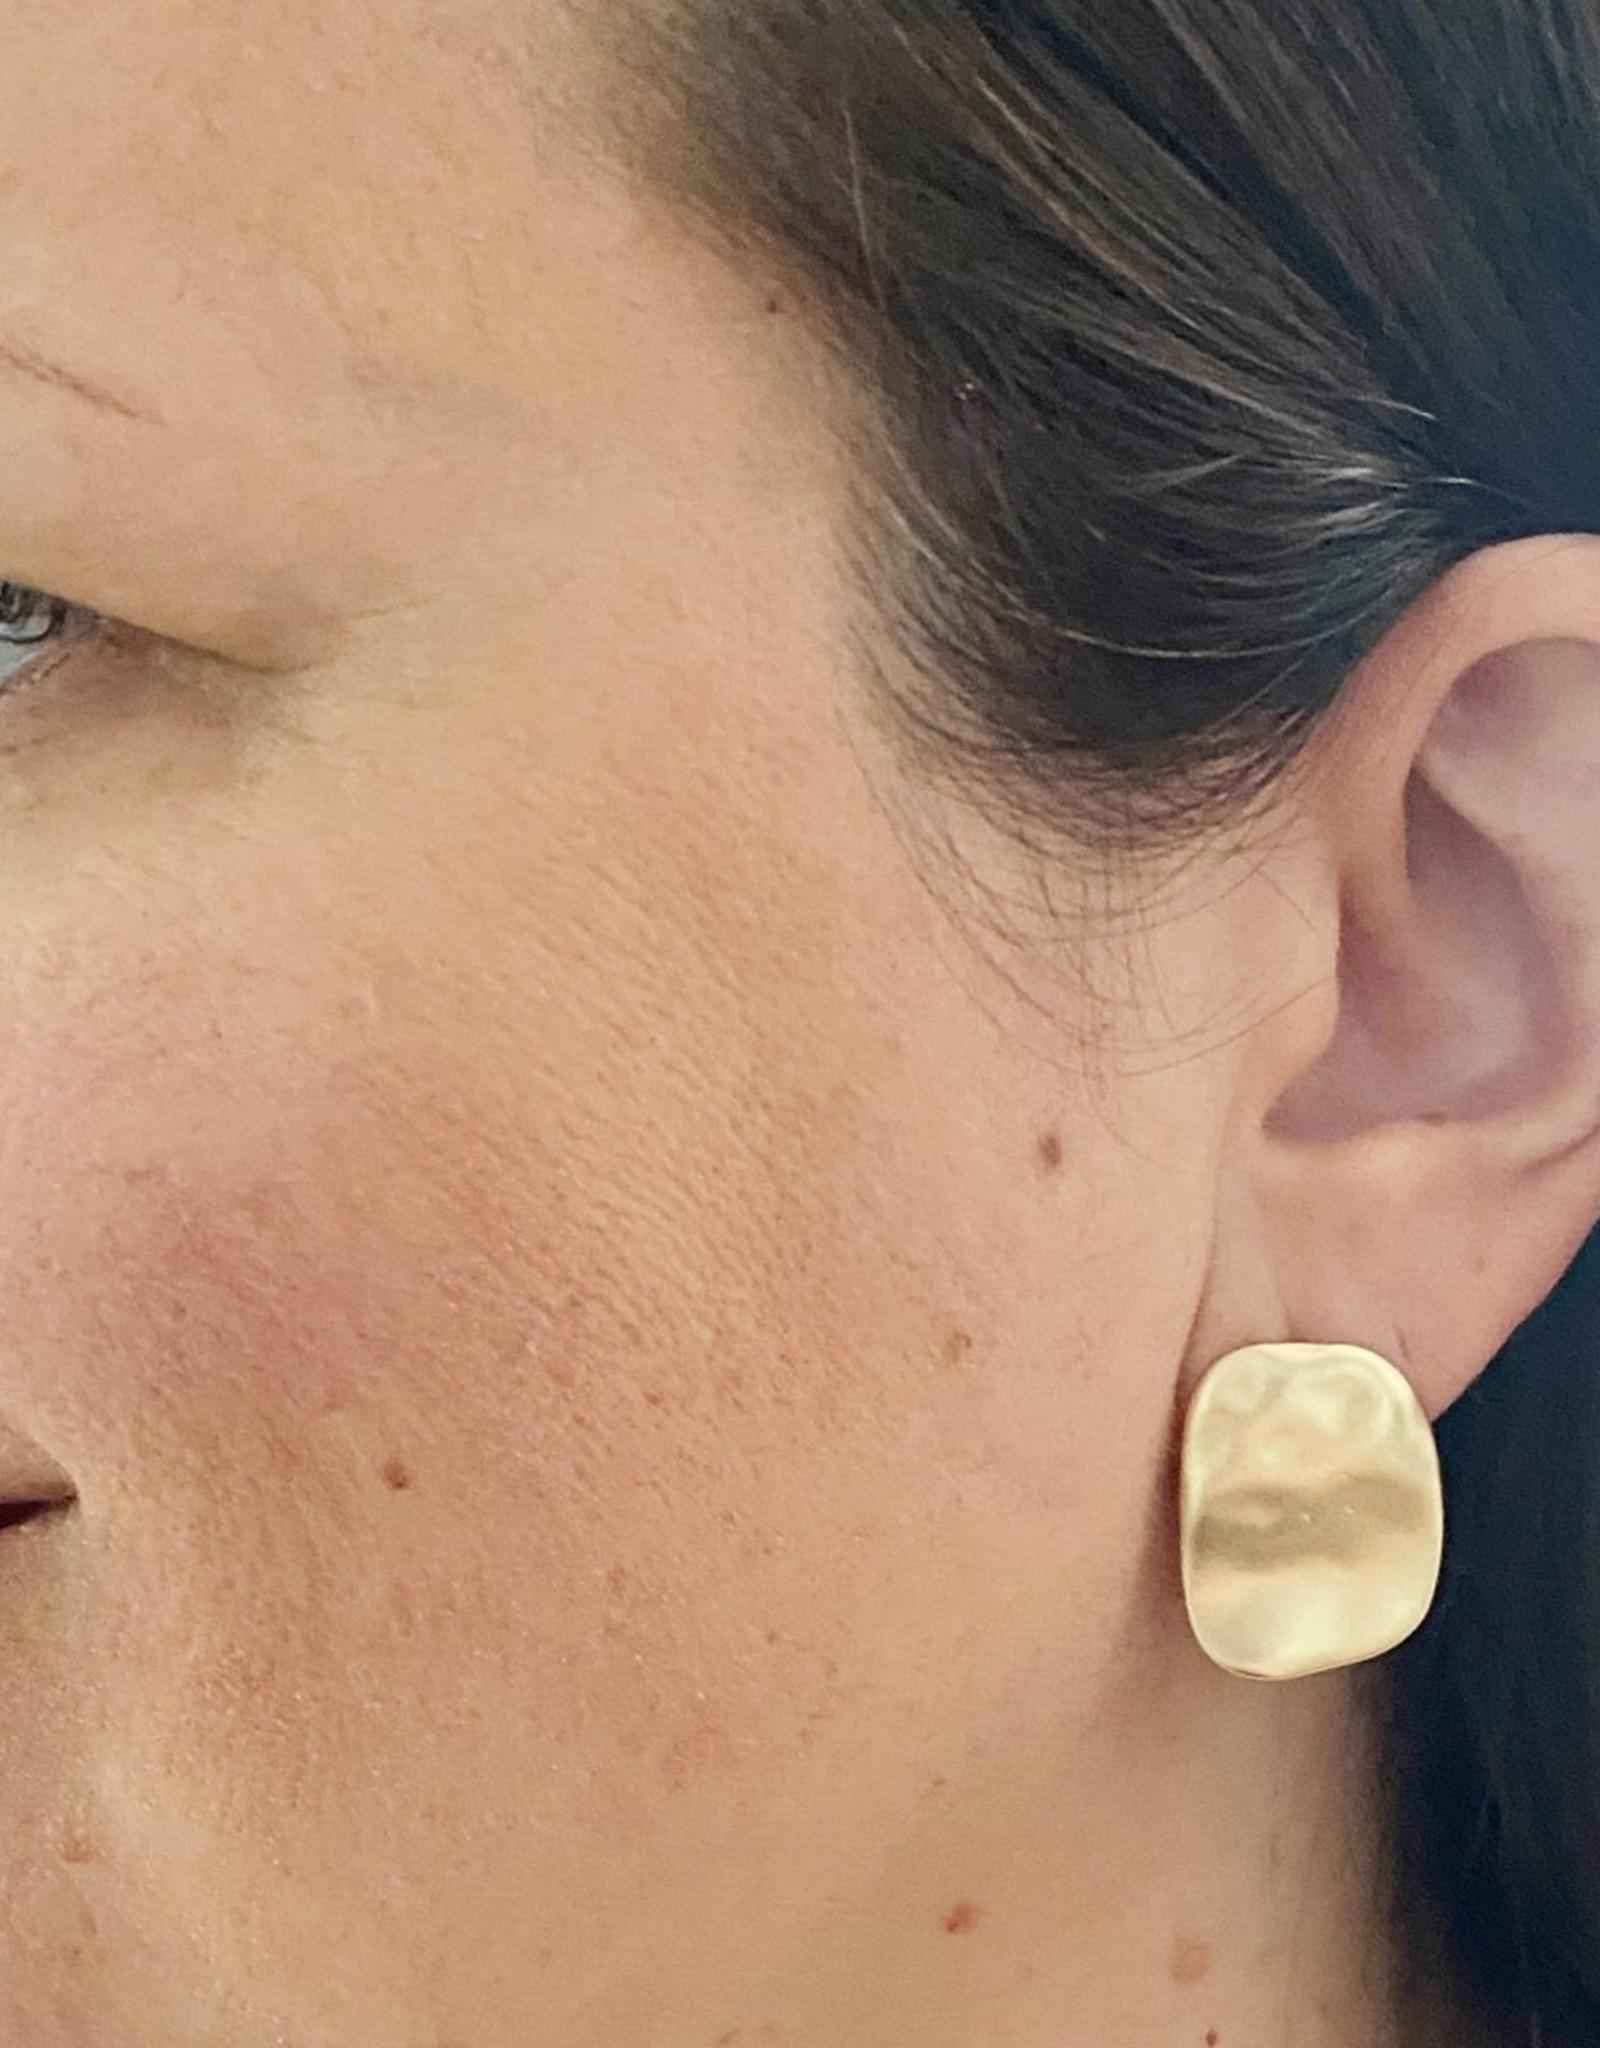 Caracol Caracol 2426 Textured Metallic Earrings in Worn Finish